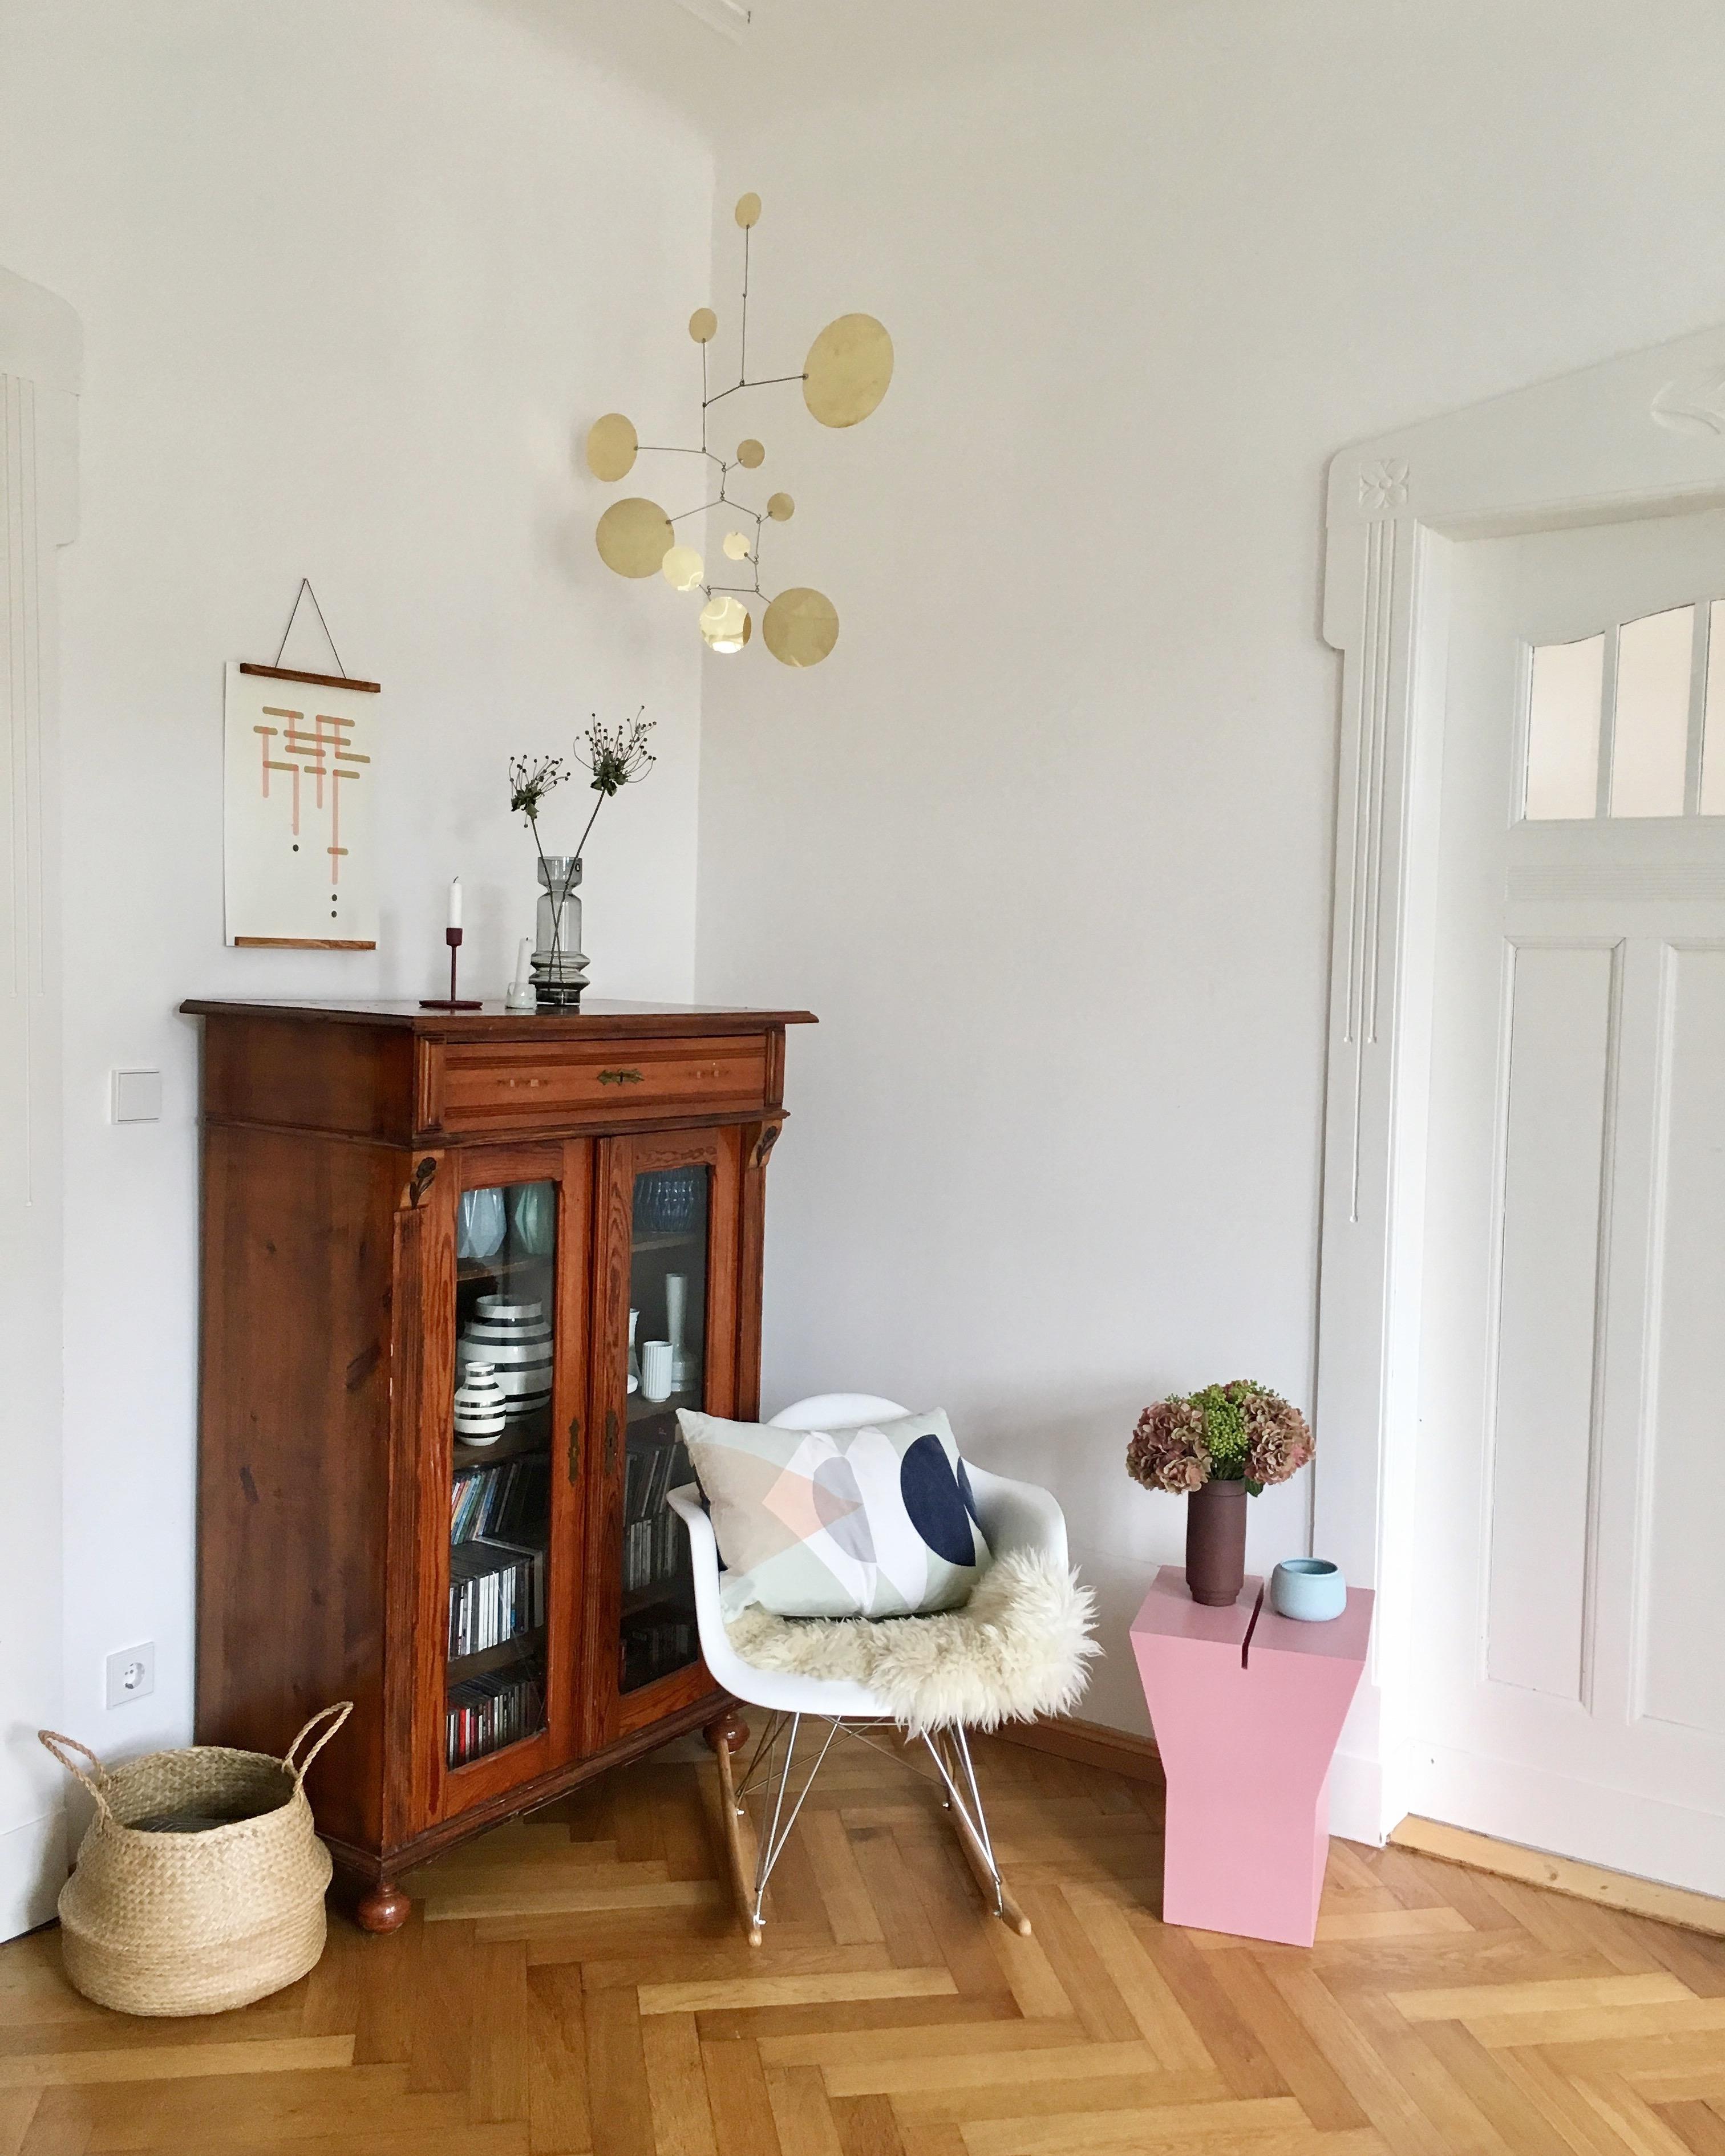 Schaukelstuhl bilder ideen couchstyle for Bambus schaukelstuhl